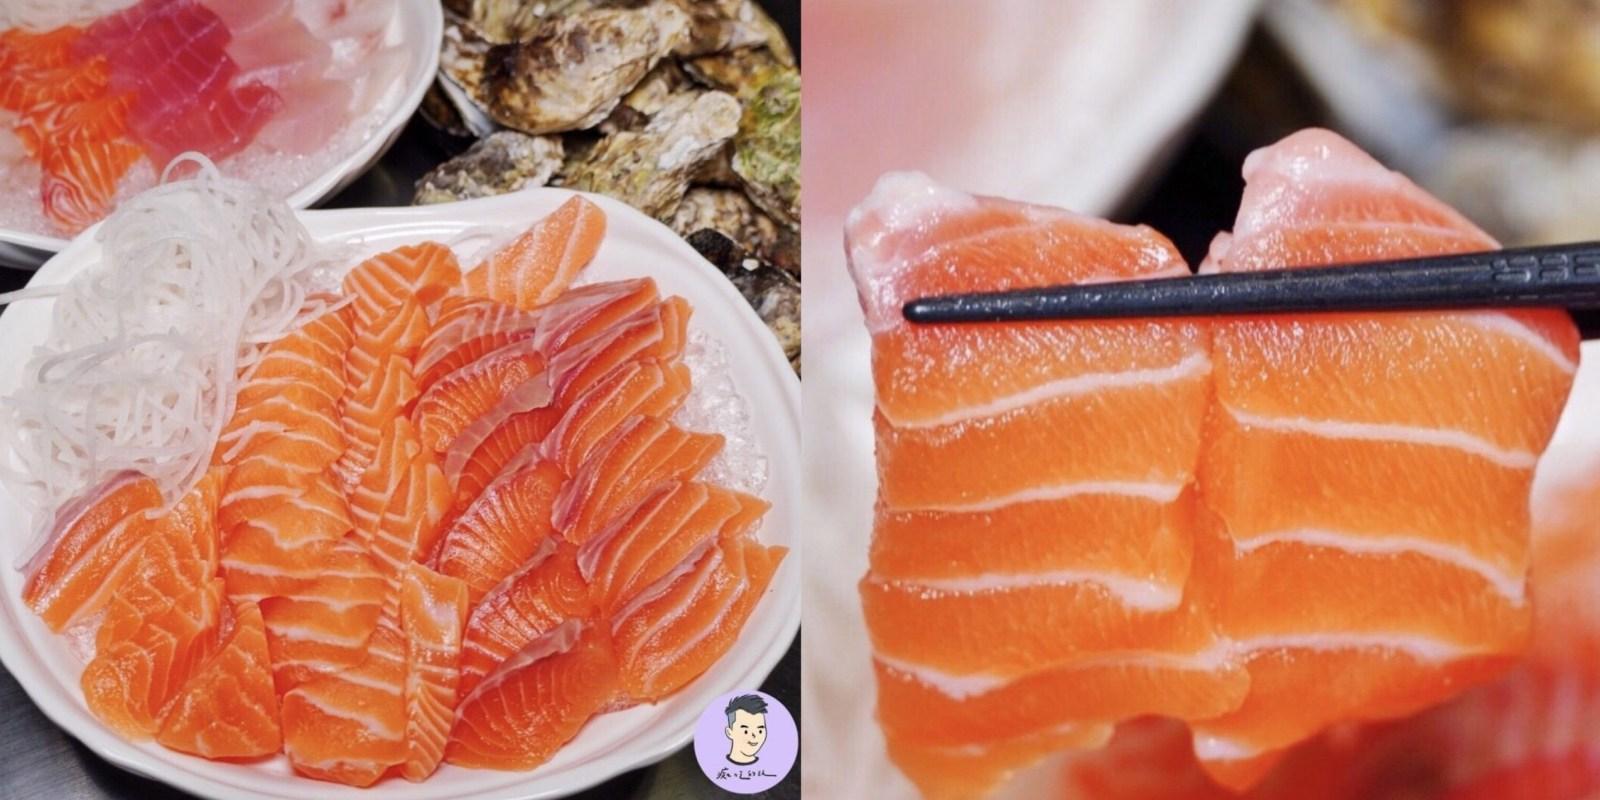 快呼叫「ㄩˊ」的朋友!!鮭魚之亂不用改名字!老闆請你爽吃鮭魚生魚片,台南這家老闆太狂了 - 燒烤攤